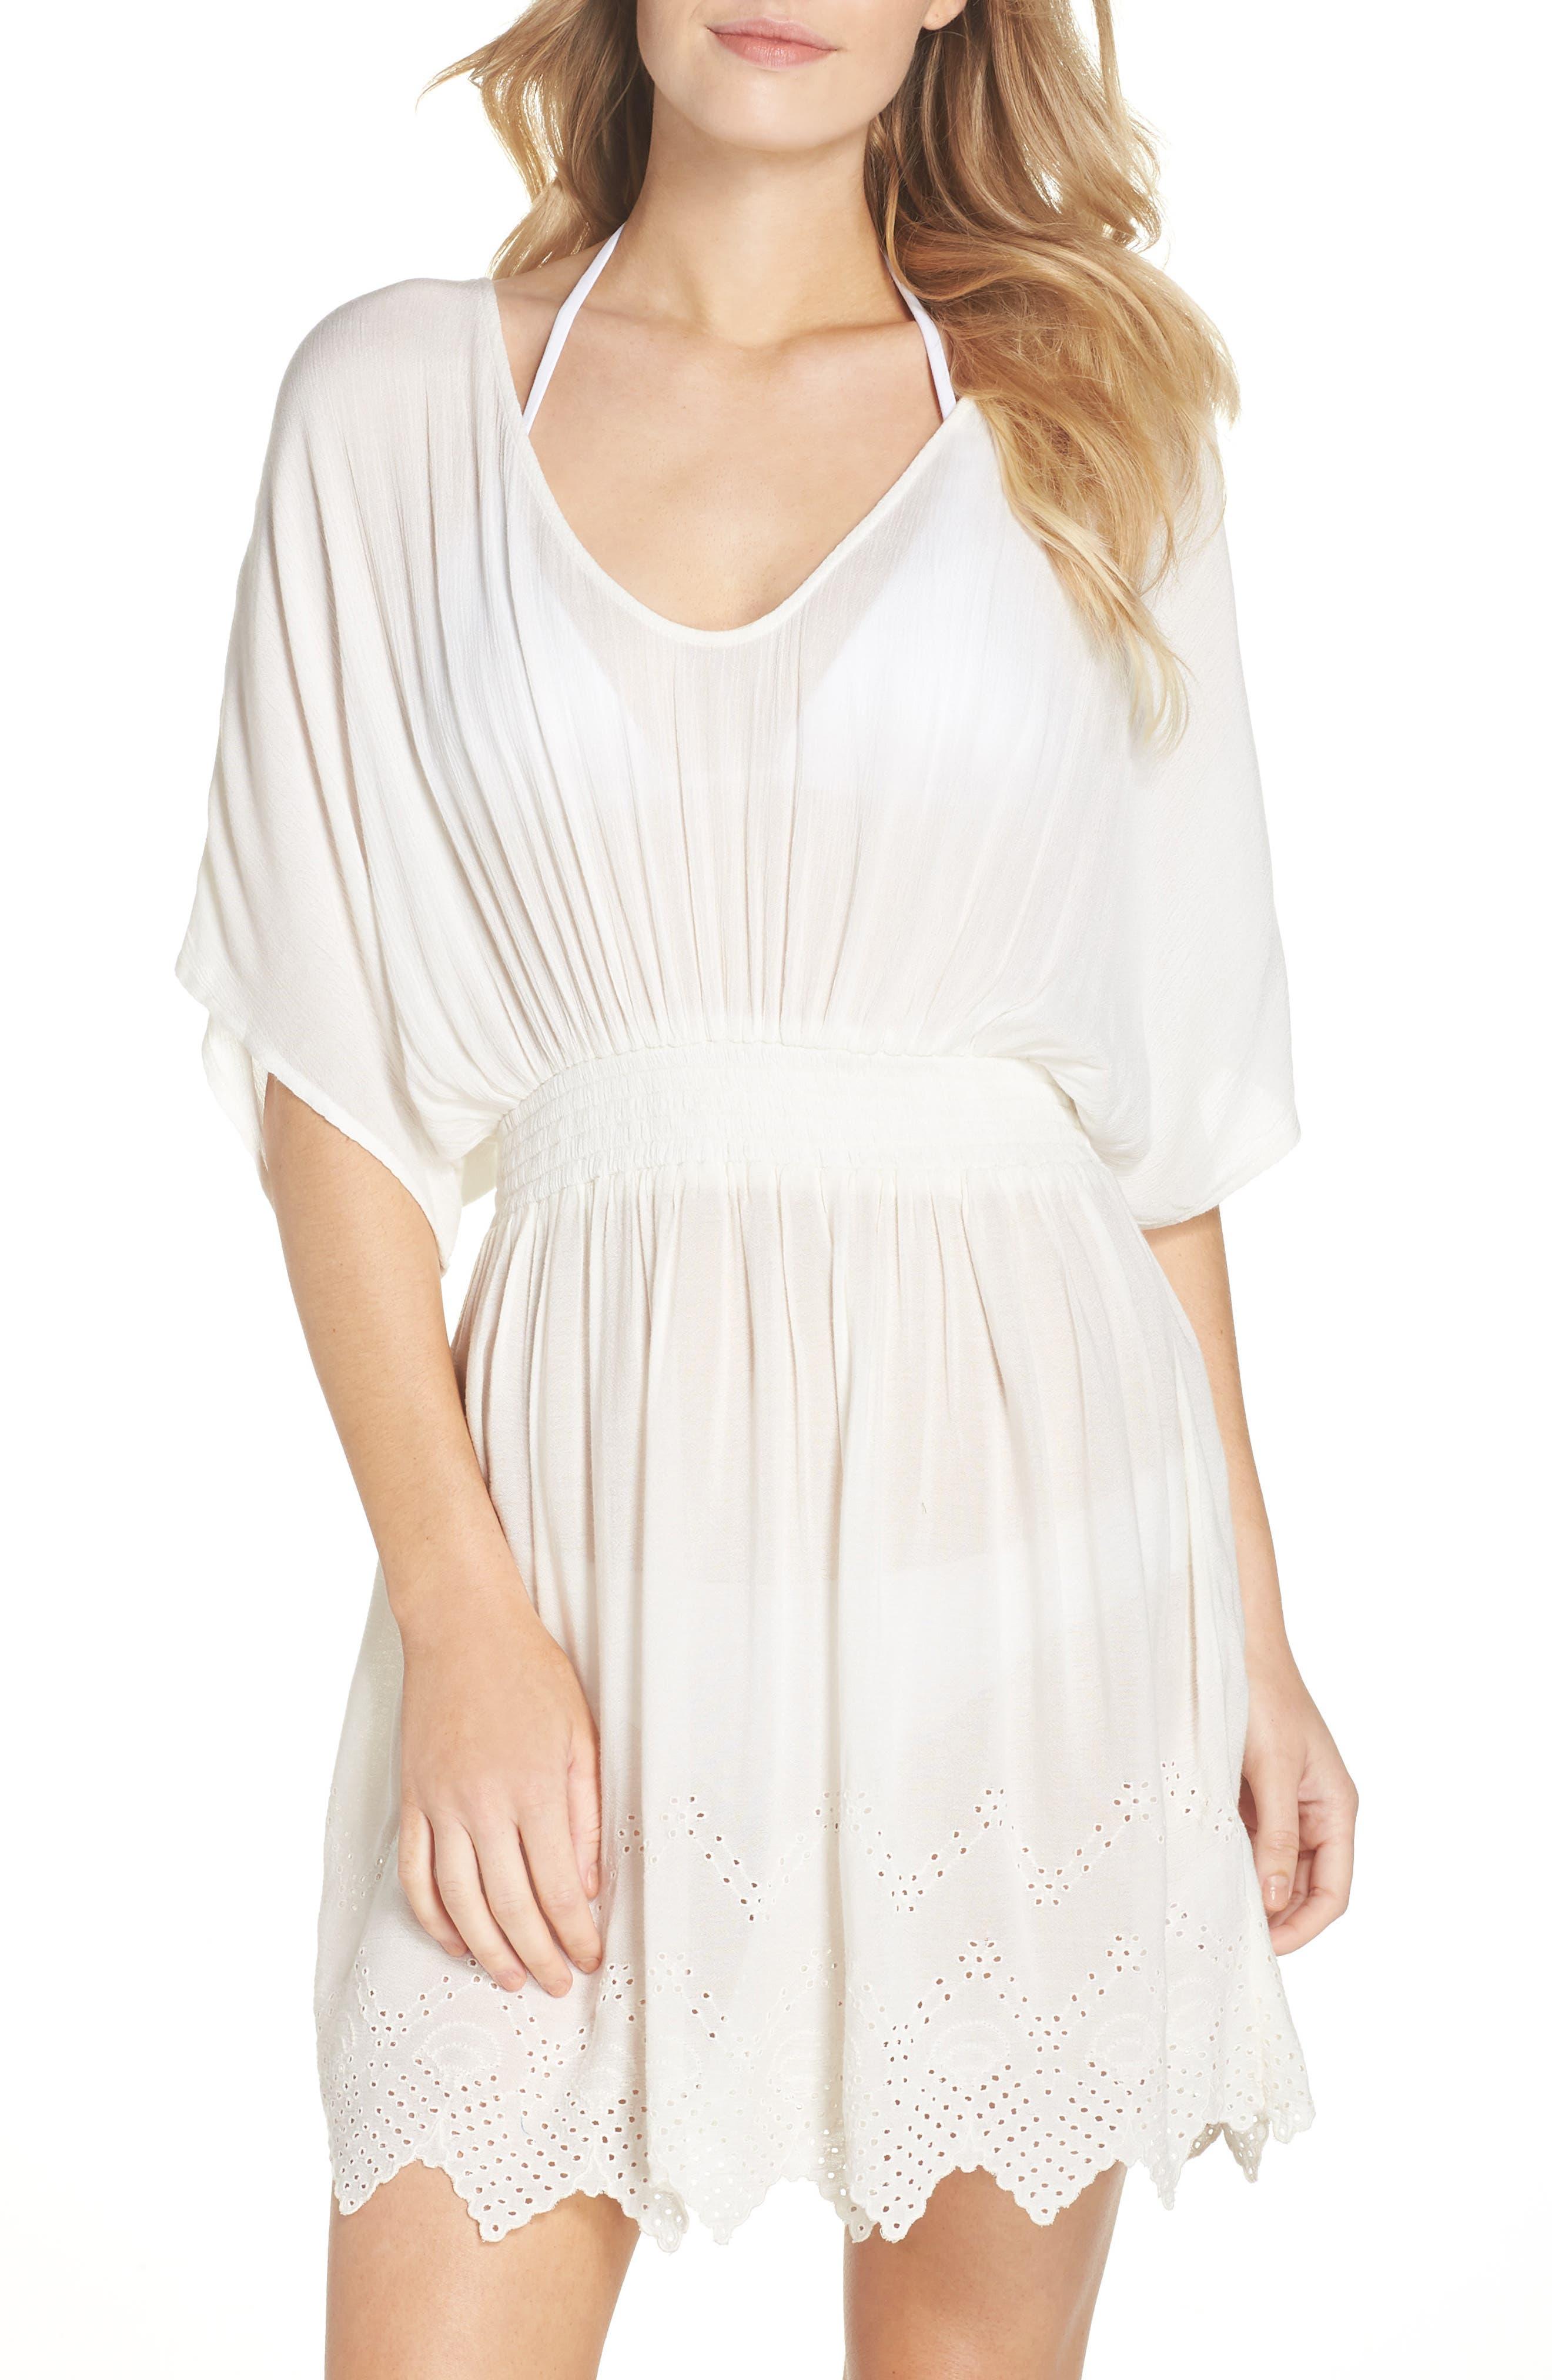 Goddess Cover-Up Dress,                         Main,                         color, IVORY EGRET